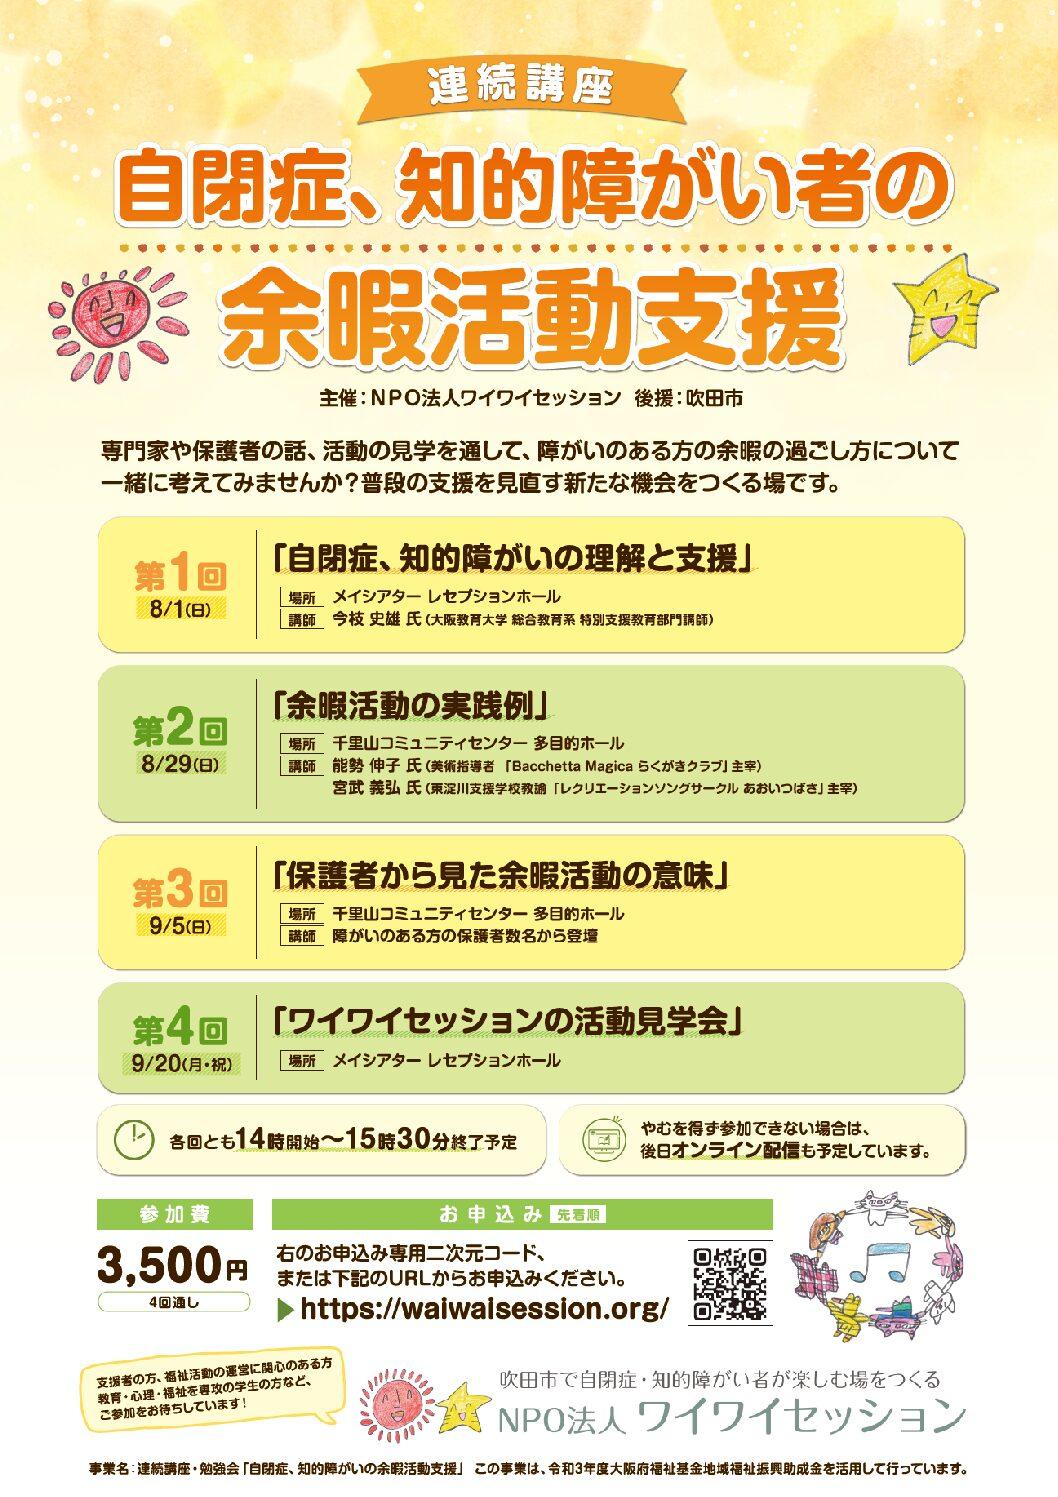 2021/9/20(月・祝) 連続講座 「自閉症、知的障がい者の余暇活動支援」第4回 「余暇活動見学会」@大阪